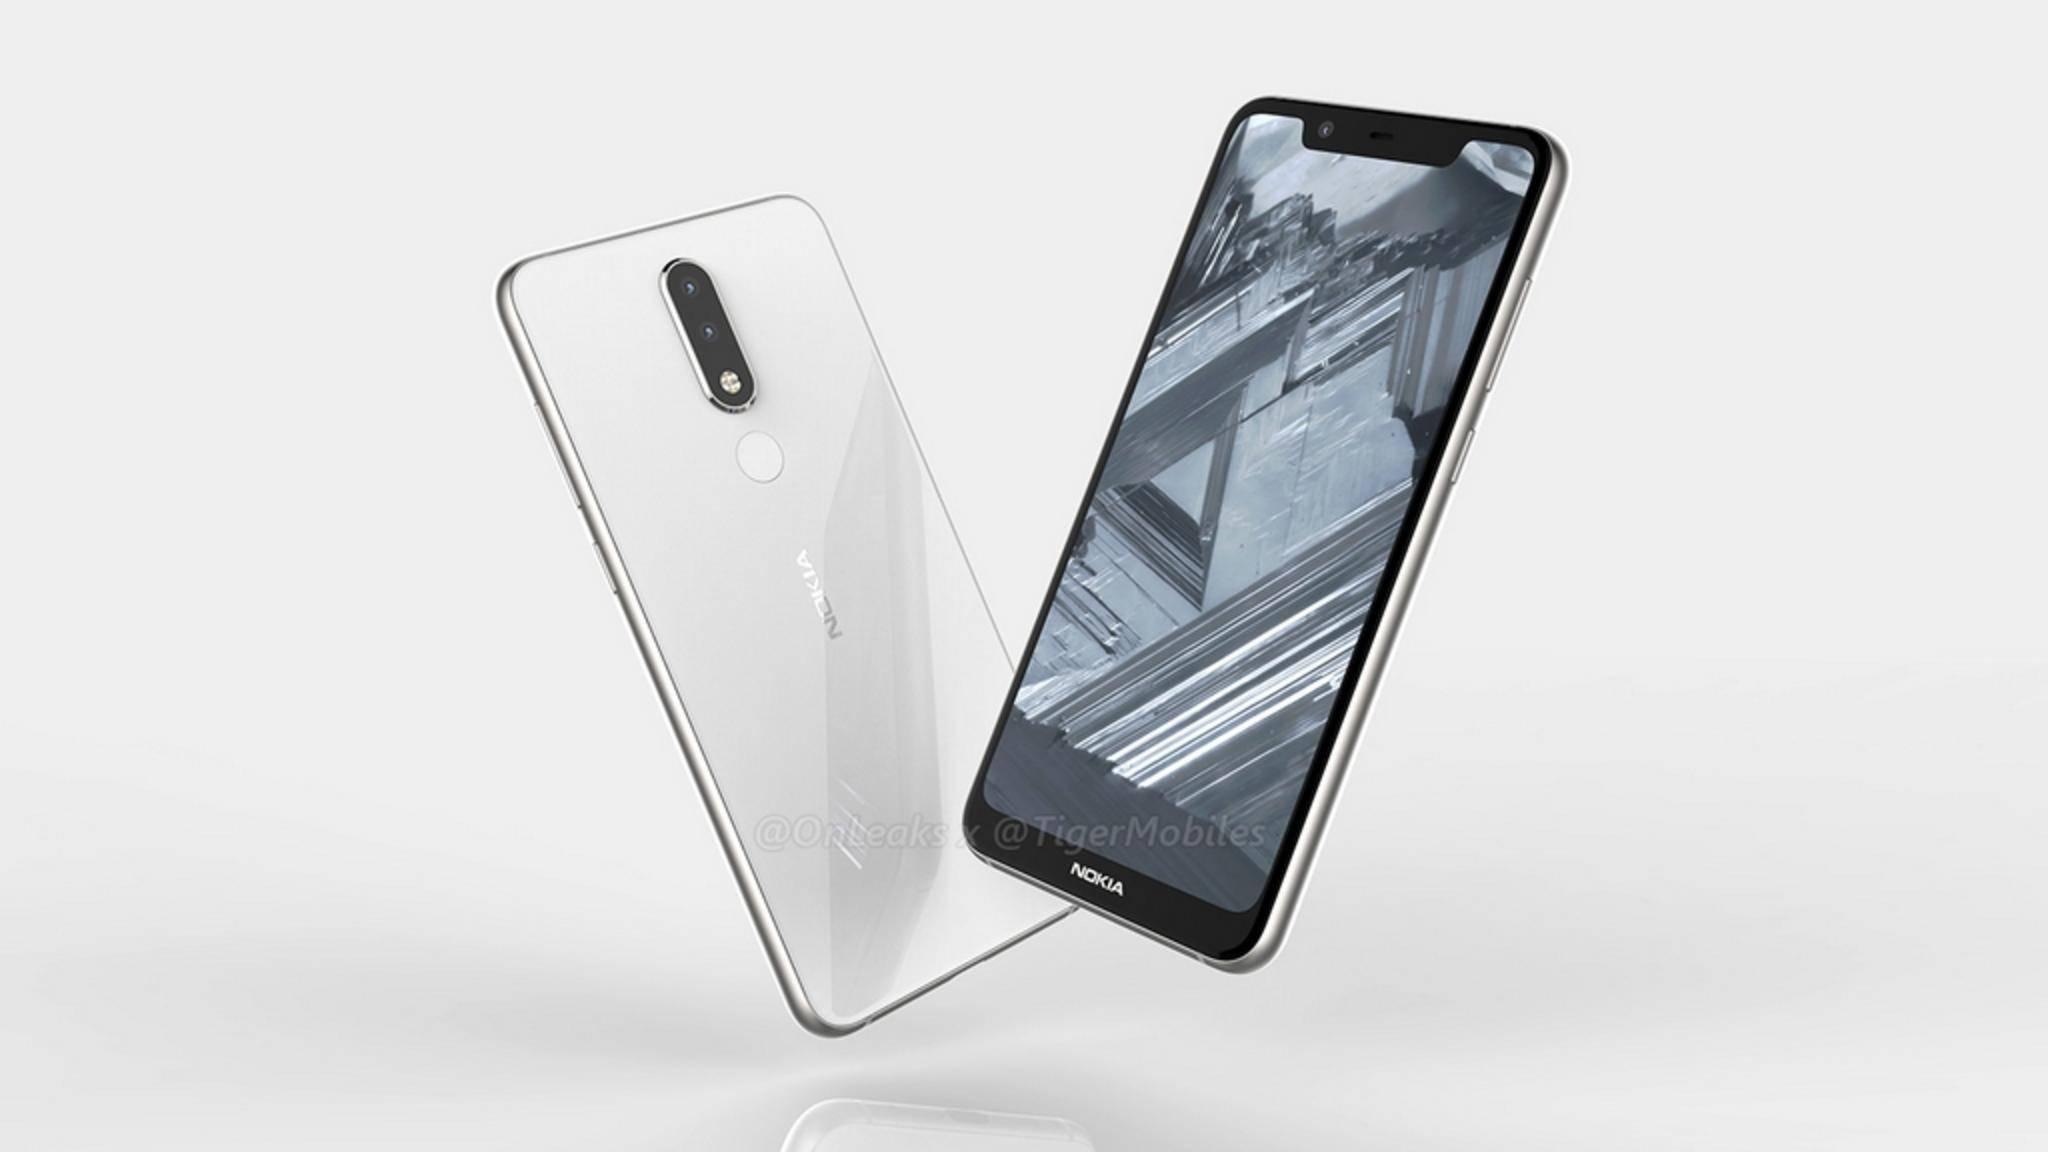 Das Nokia 5.1 Plus wird am Mittwoch nun wirklich vorgestellt.